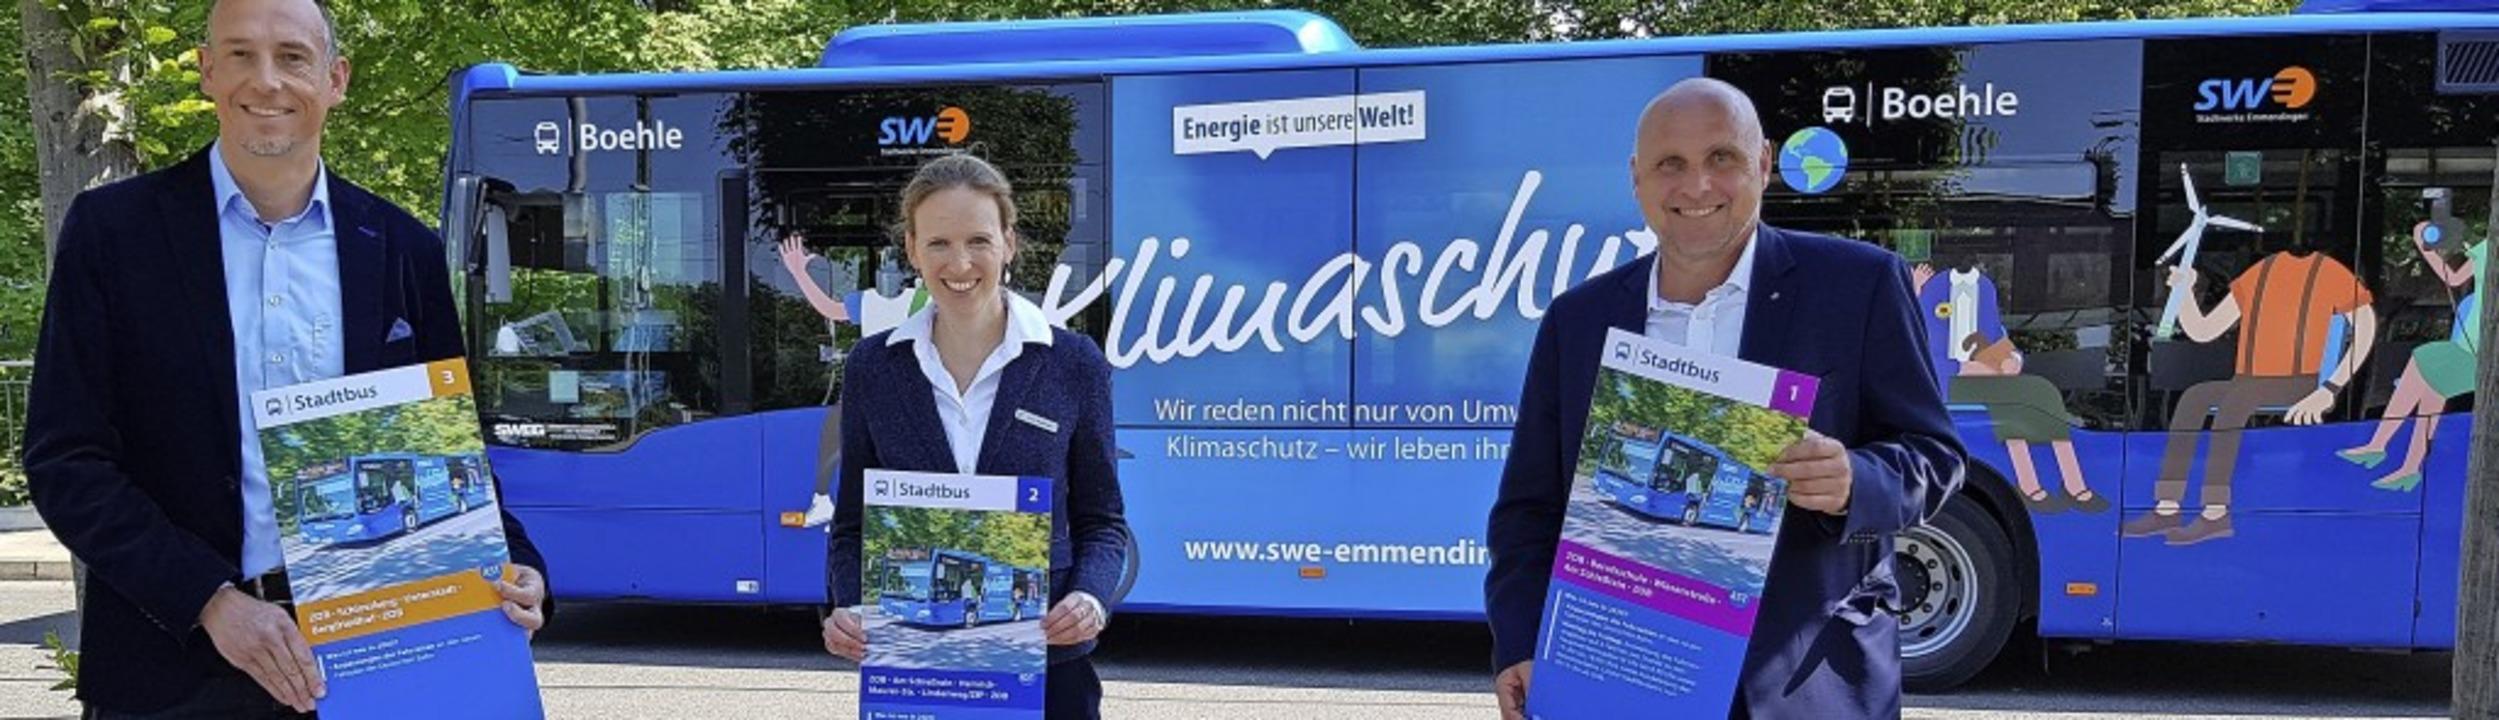 Präsentieren die neuen Stadtbus-Flyer ...ister Stefan Schlatterer (von links).     Foto: Gerhard Walser